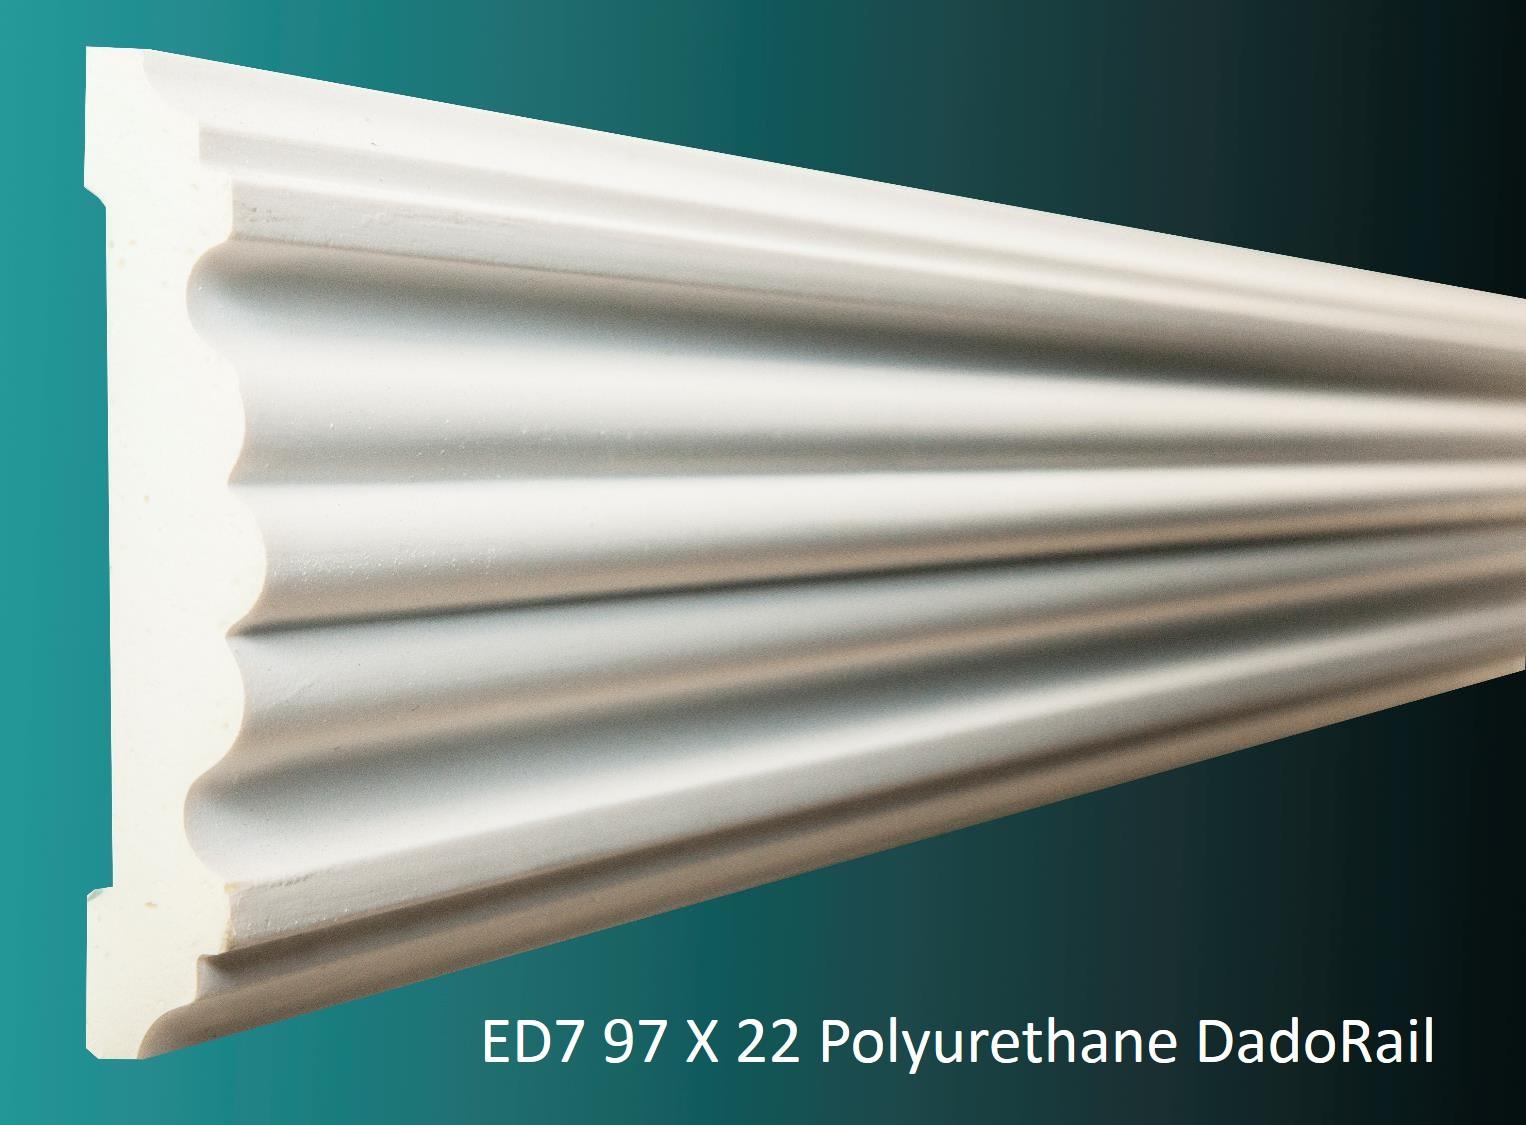 ED7 97 X 22 Polyurethane DadoRail